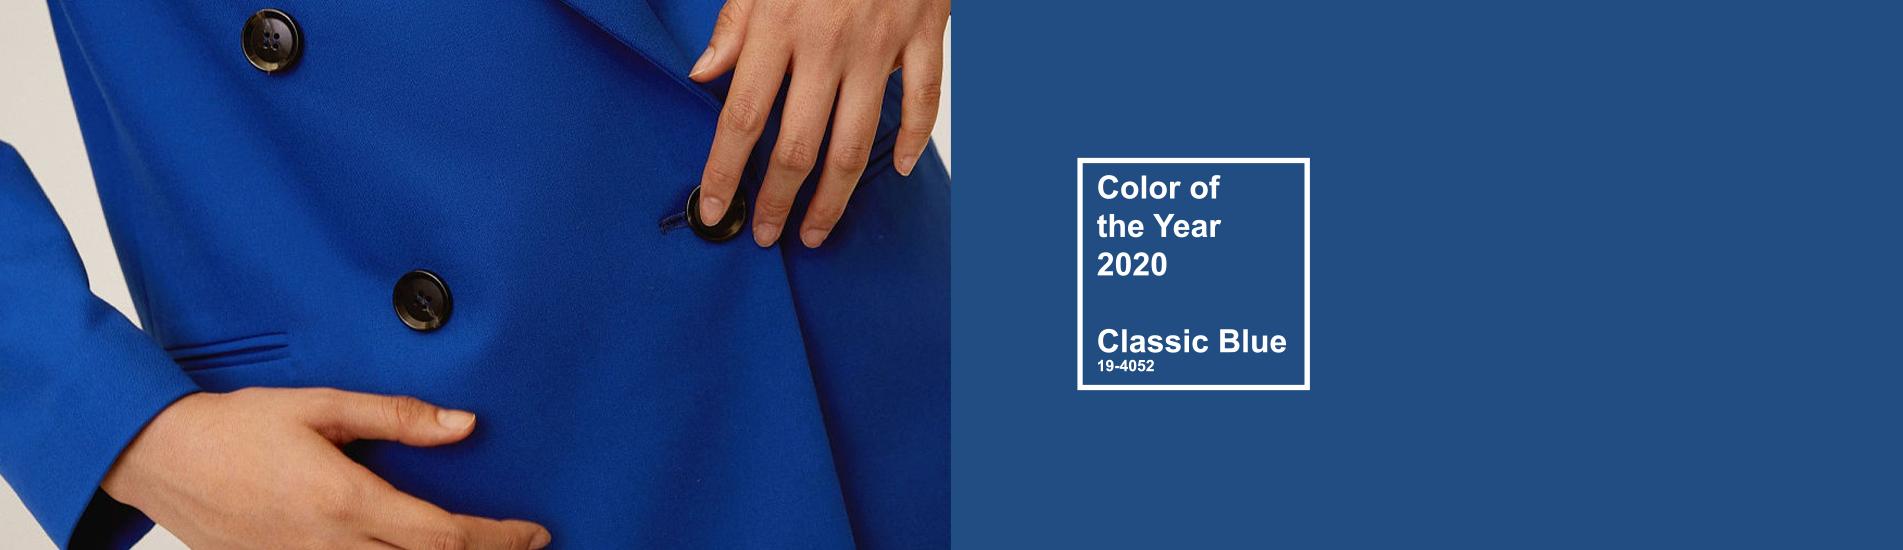 Цвет года: классический синий